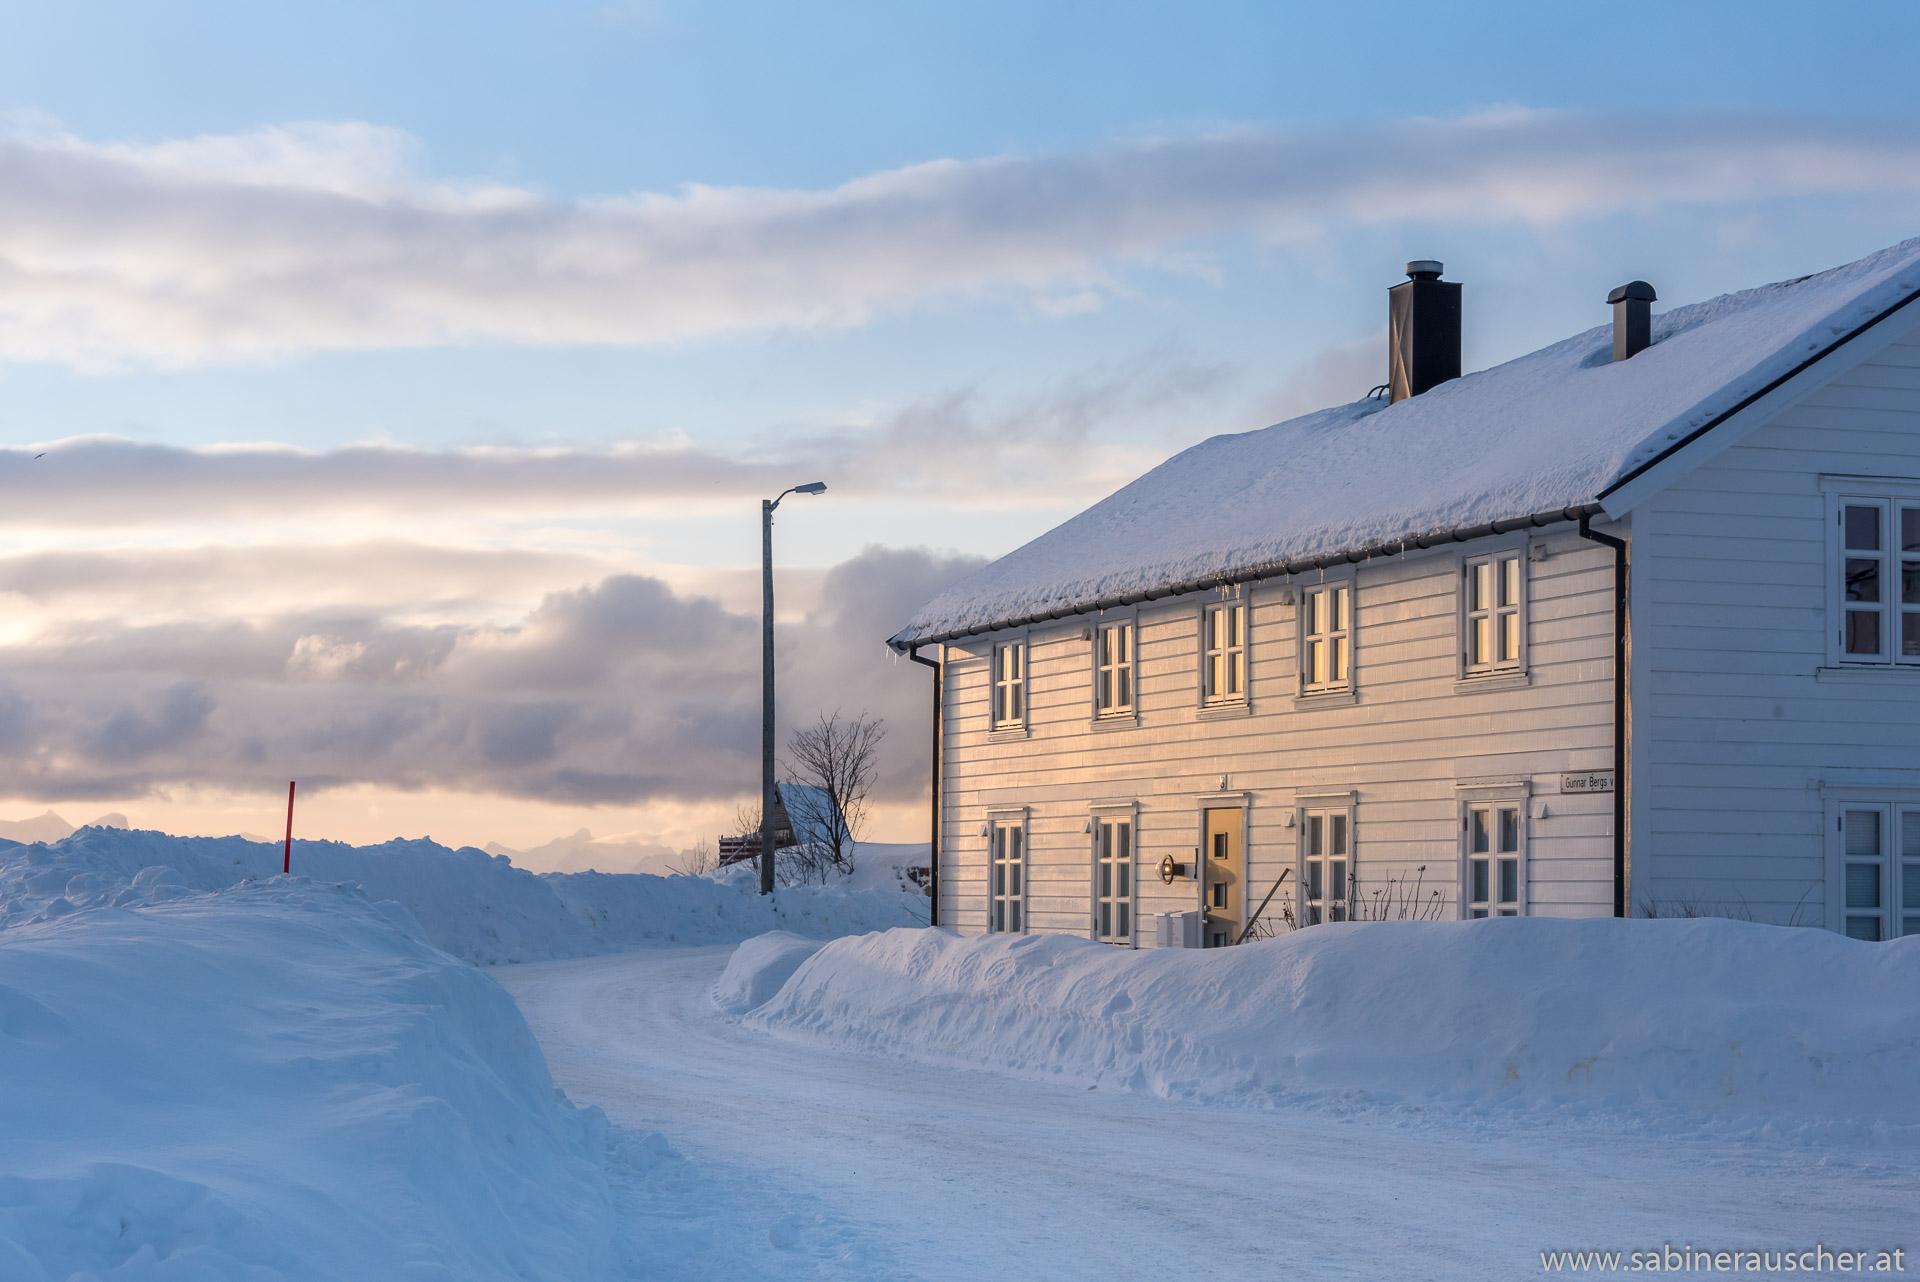 first morning light shines  on a house in Svolvaer | erstes Morgenlicht fällt auf ein Haus in Svolvaer